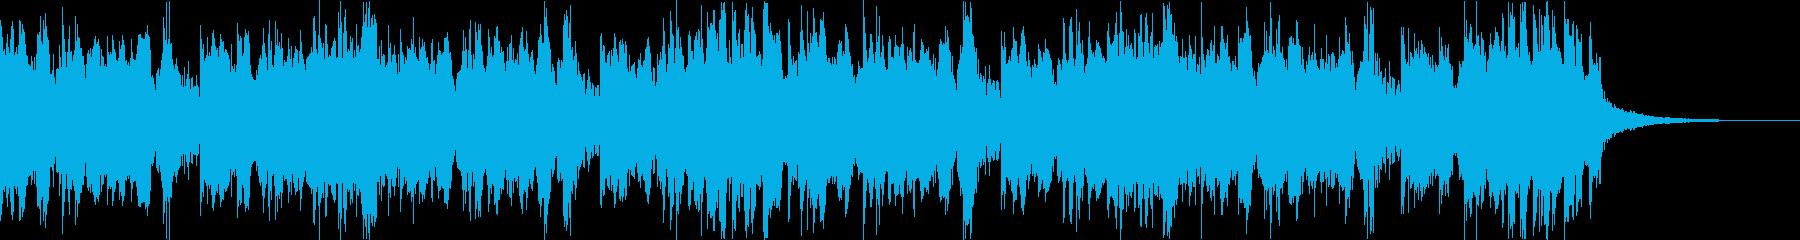 スタイリッシュ・アグレッシブエレクトロcの再生済みの波形